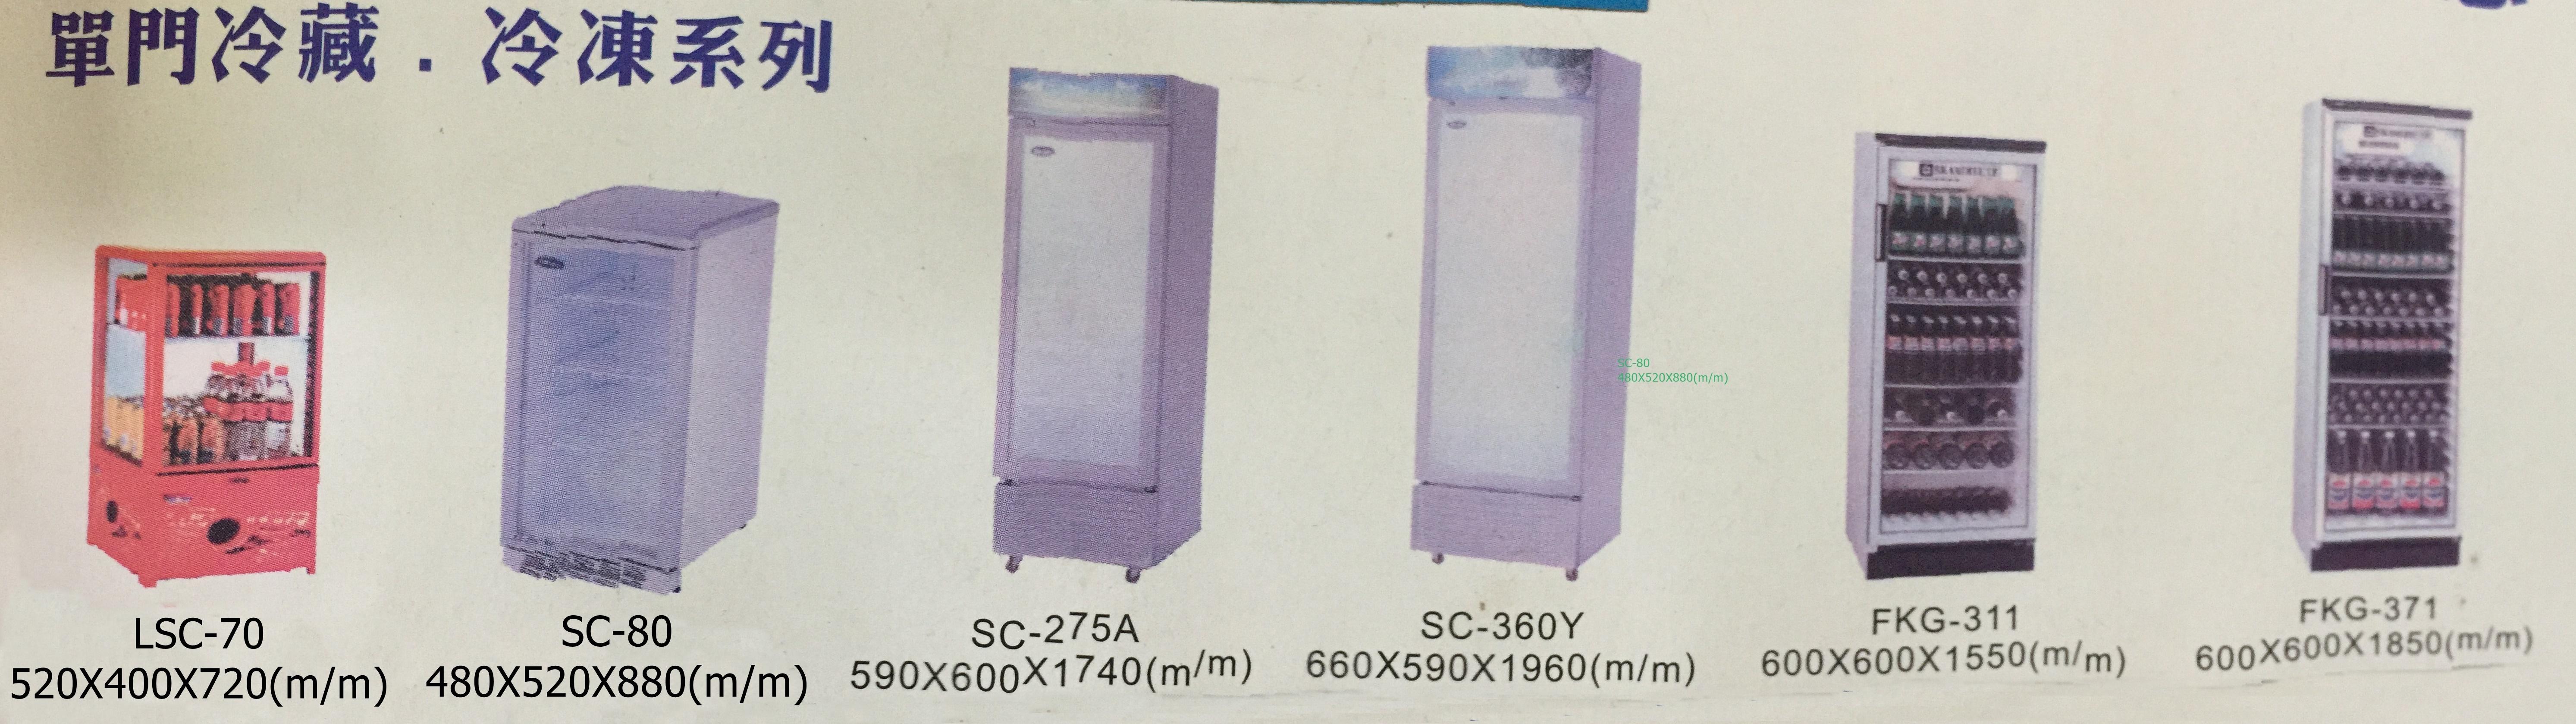 單門冷凍藏櫃